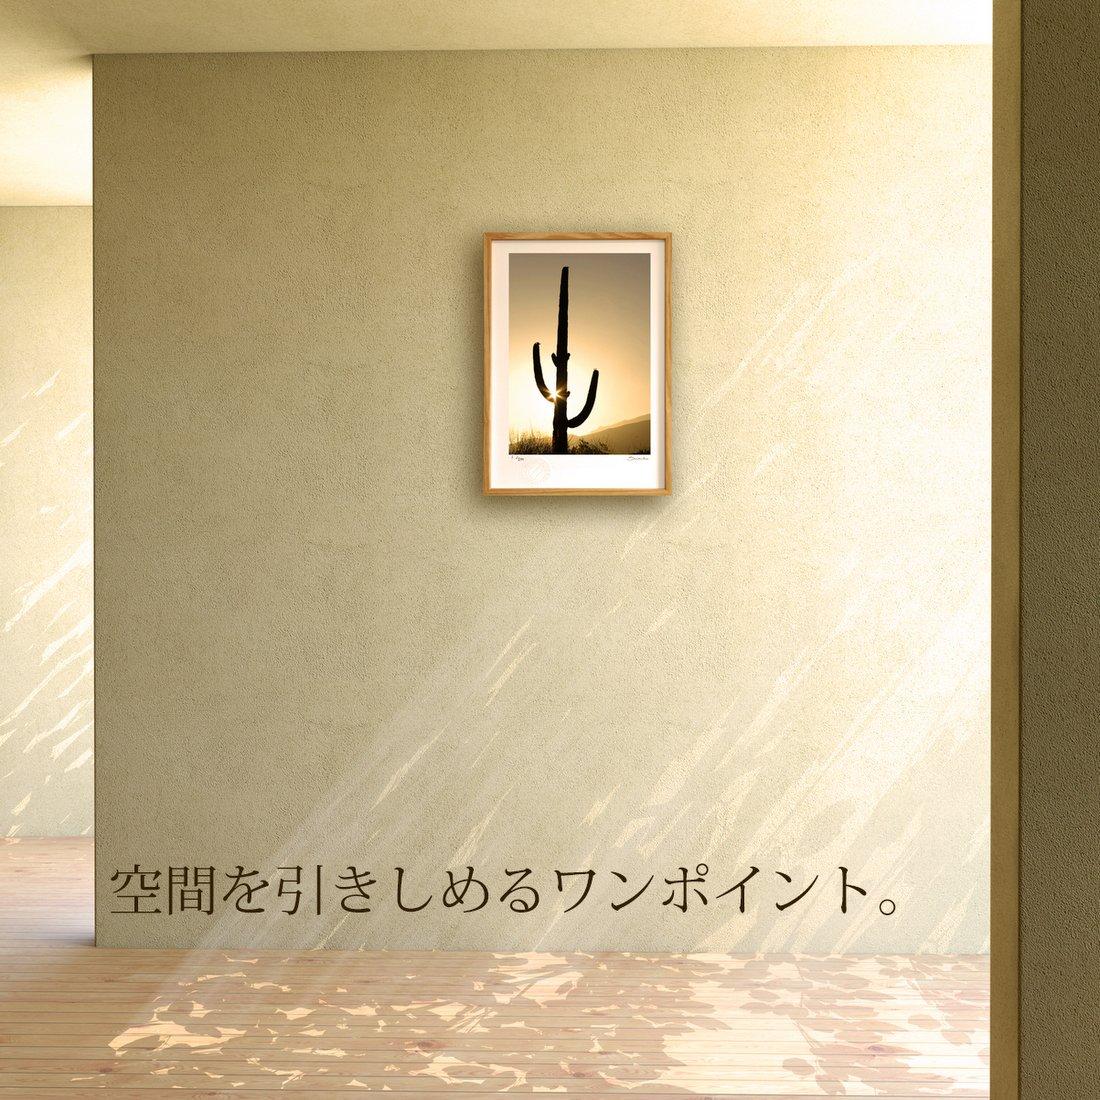 【版画 絵画】ミツバチとフォックスグローブ(スミコ スコット)/インテリア 壁掛け 額入り アート アートパネル アートフレーム